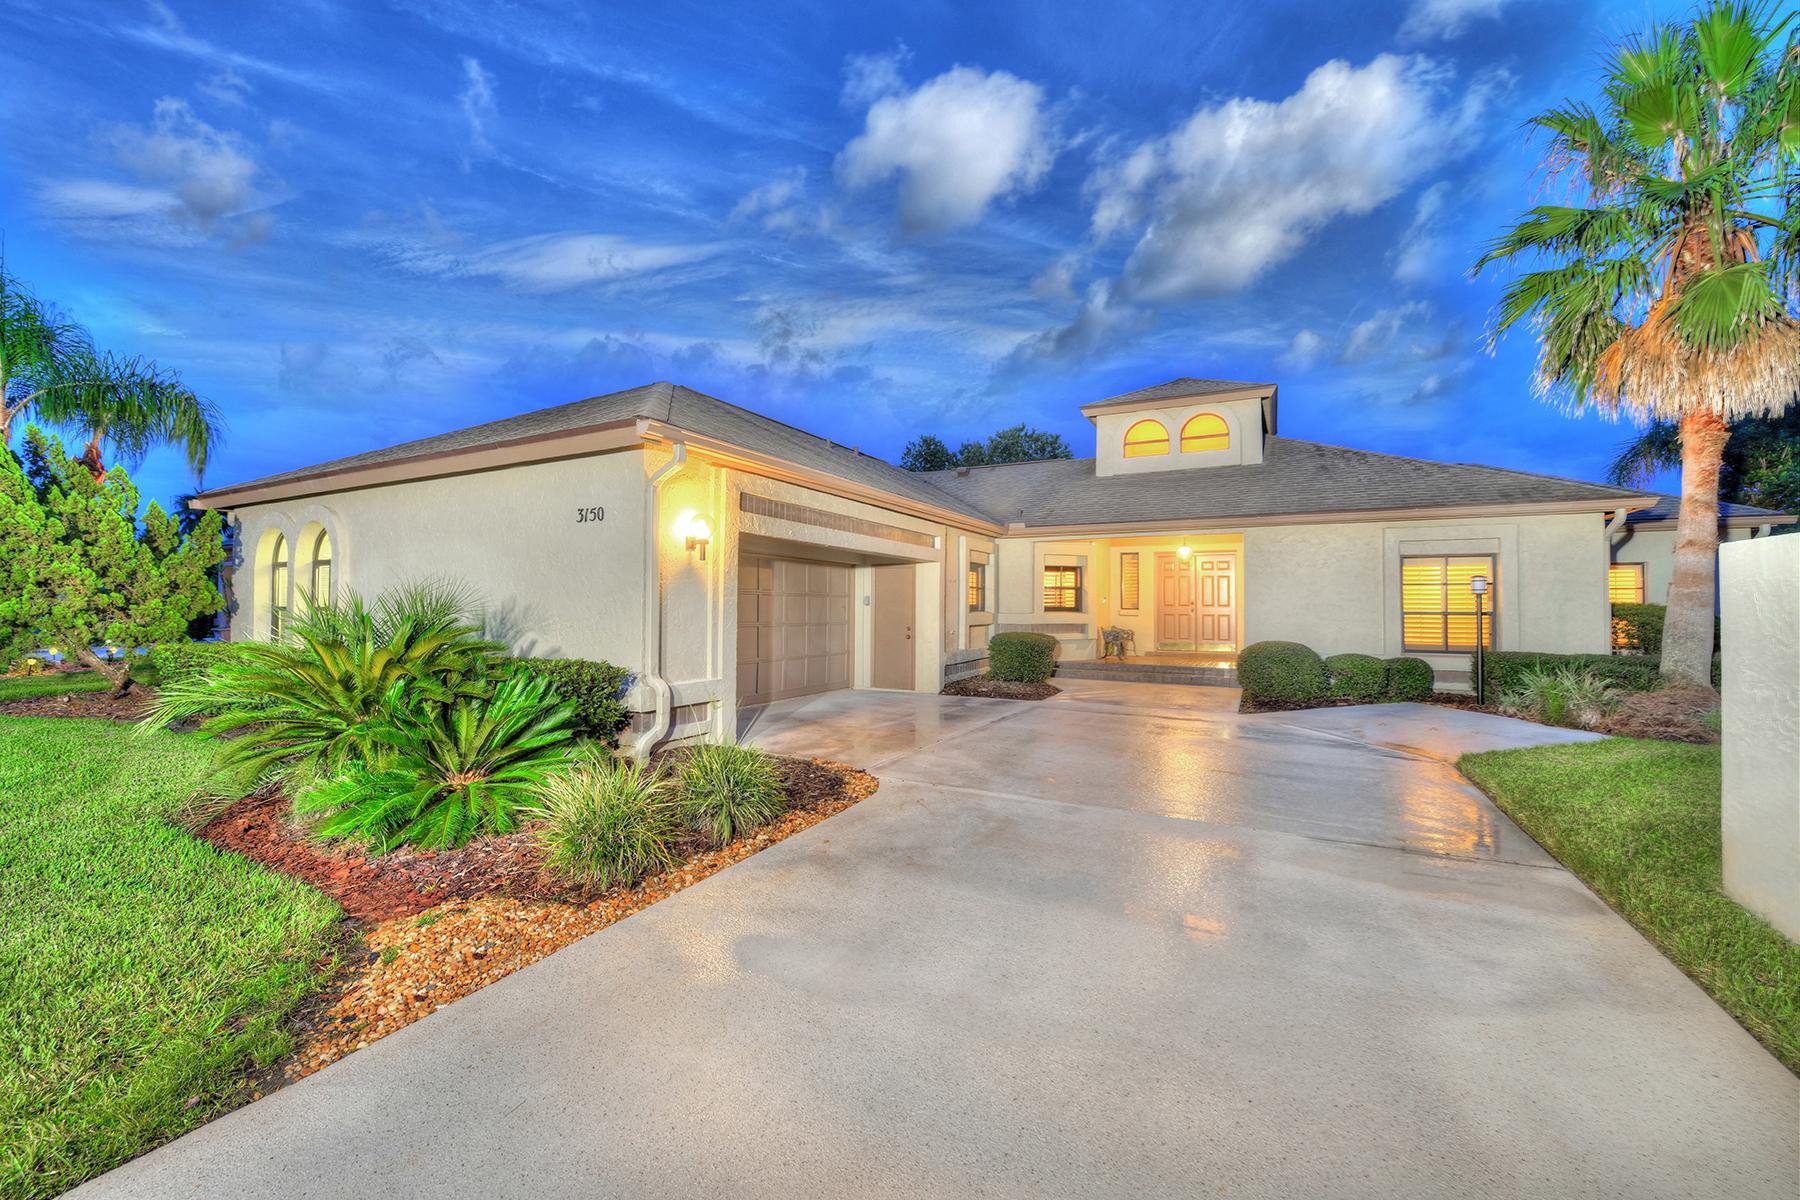 Частный односемейный дом для того Продажа на 3150 Doral Dr , Port Orange, FL 32128 3150 Doral Dr Port Orange, Флорида 32128 Соединенные Штаты